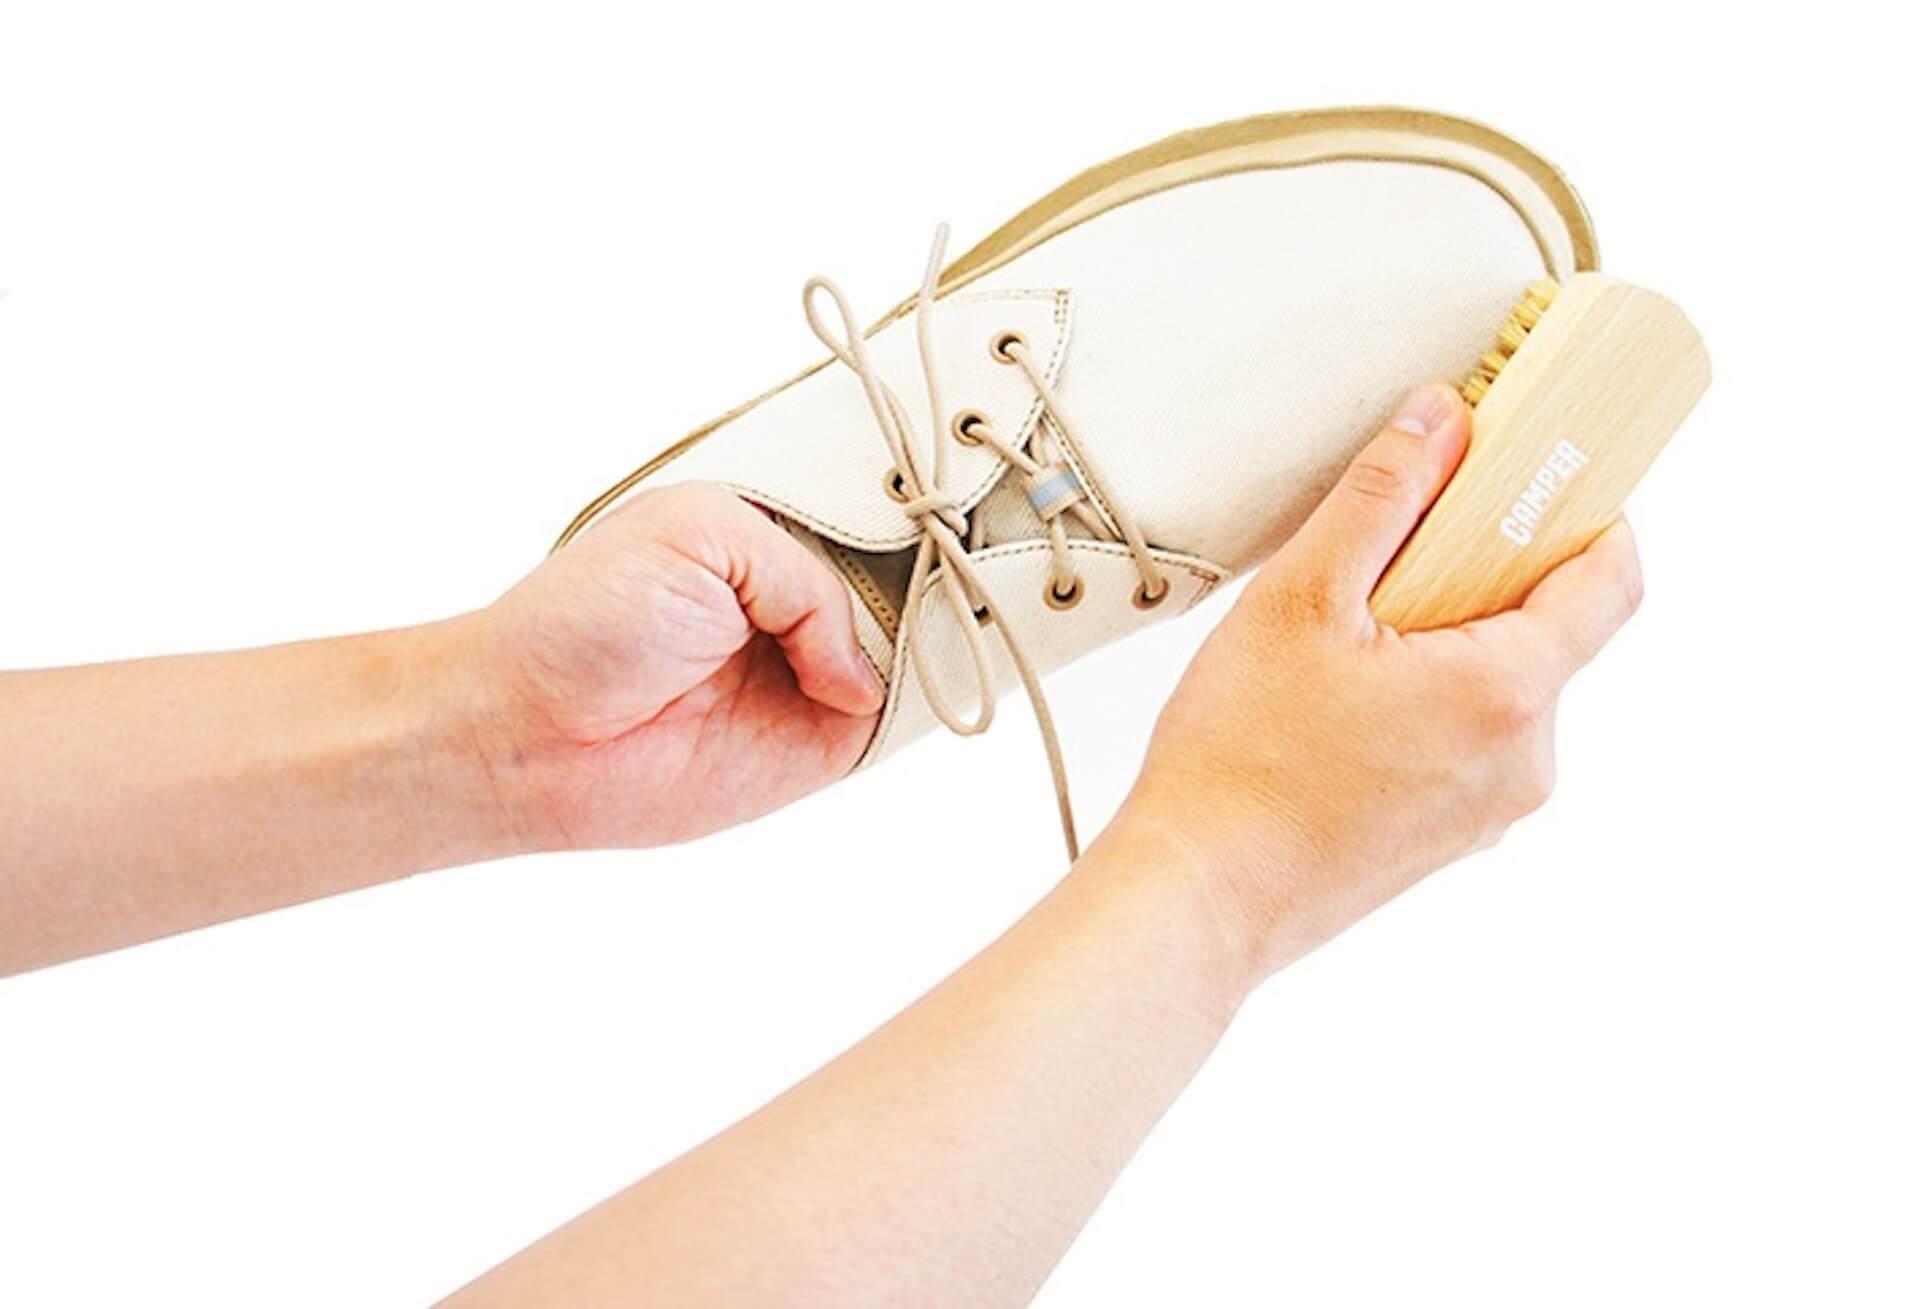 おうち時間にCAMPERのケアグッズを使って、毎日履く靴をお手入れしよう!自宅でできる簡単お手入れ方法をご紹介 lf200518_camper_13